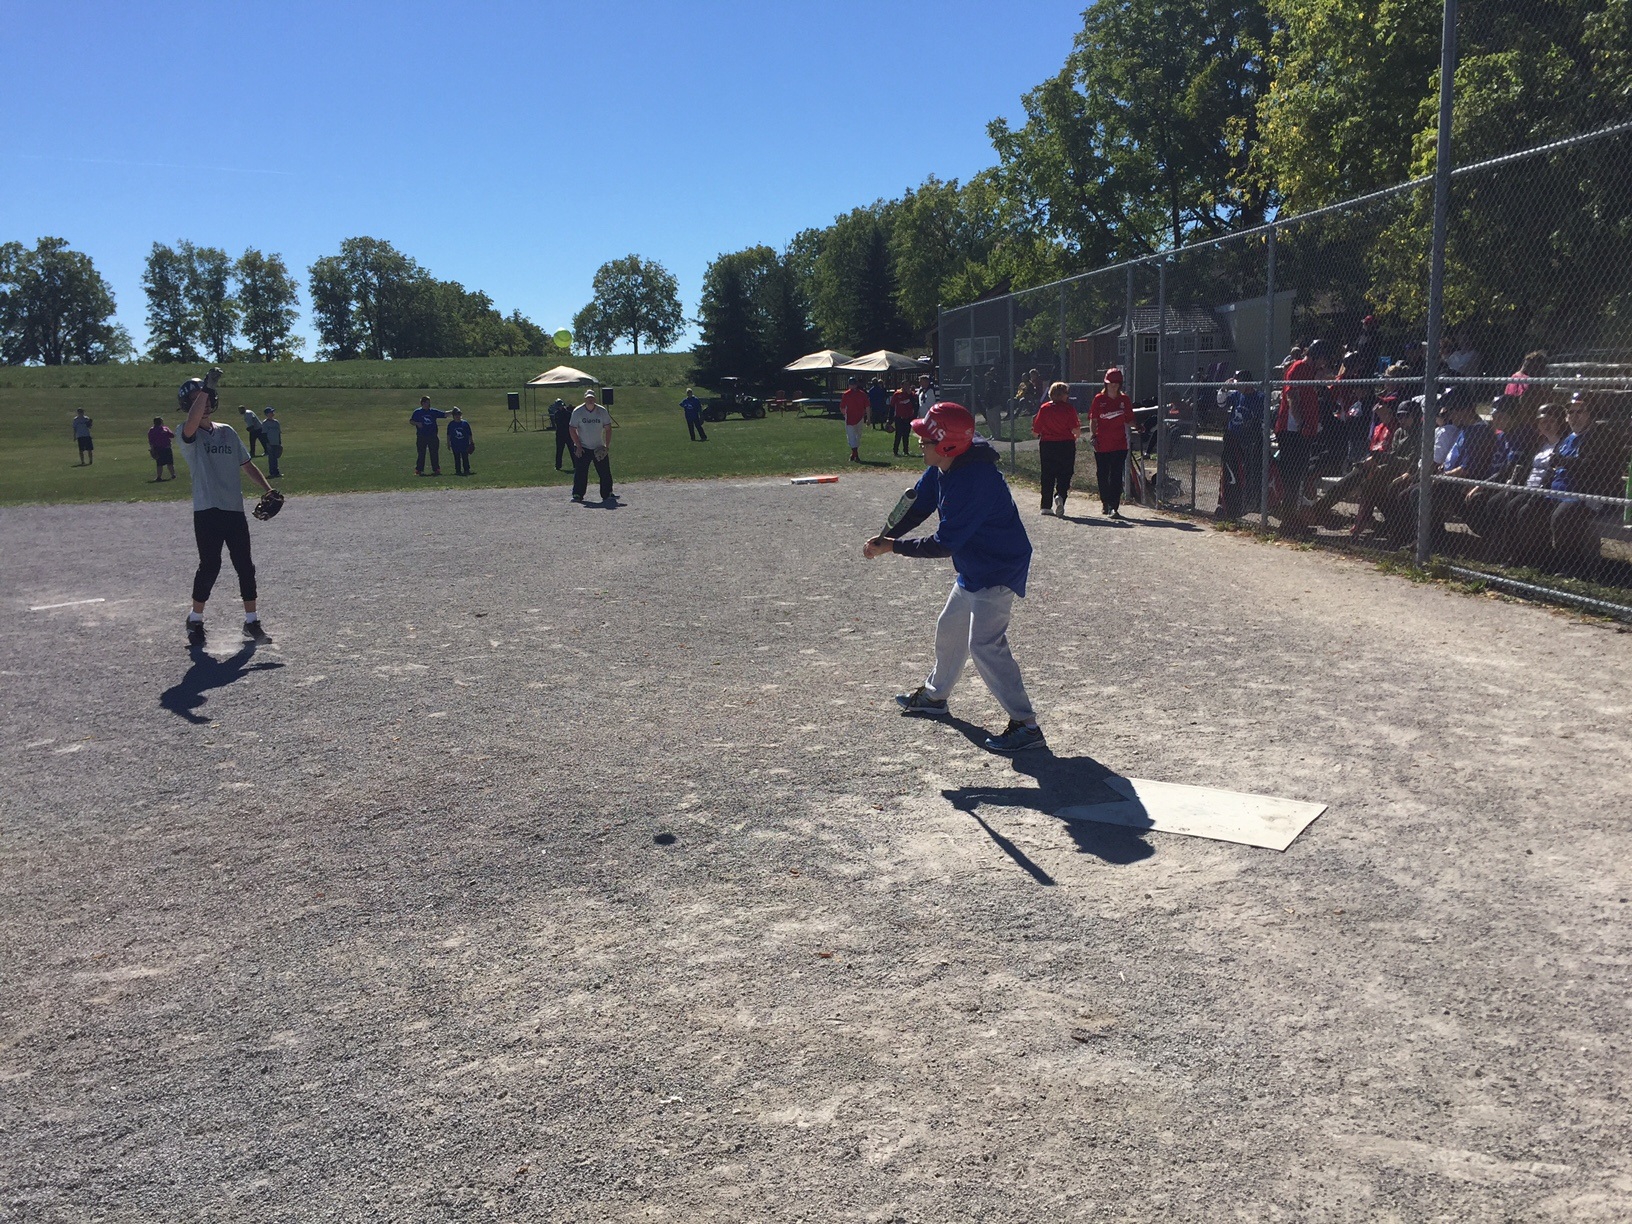 Baseball Tournament Batter Swing!